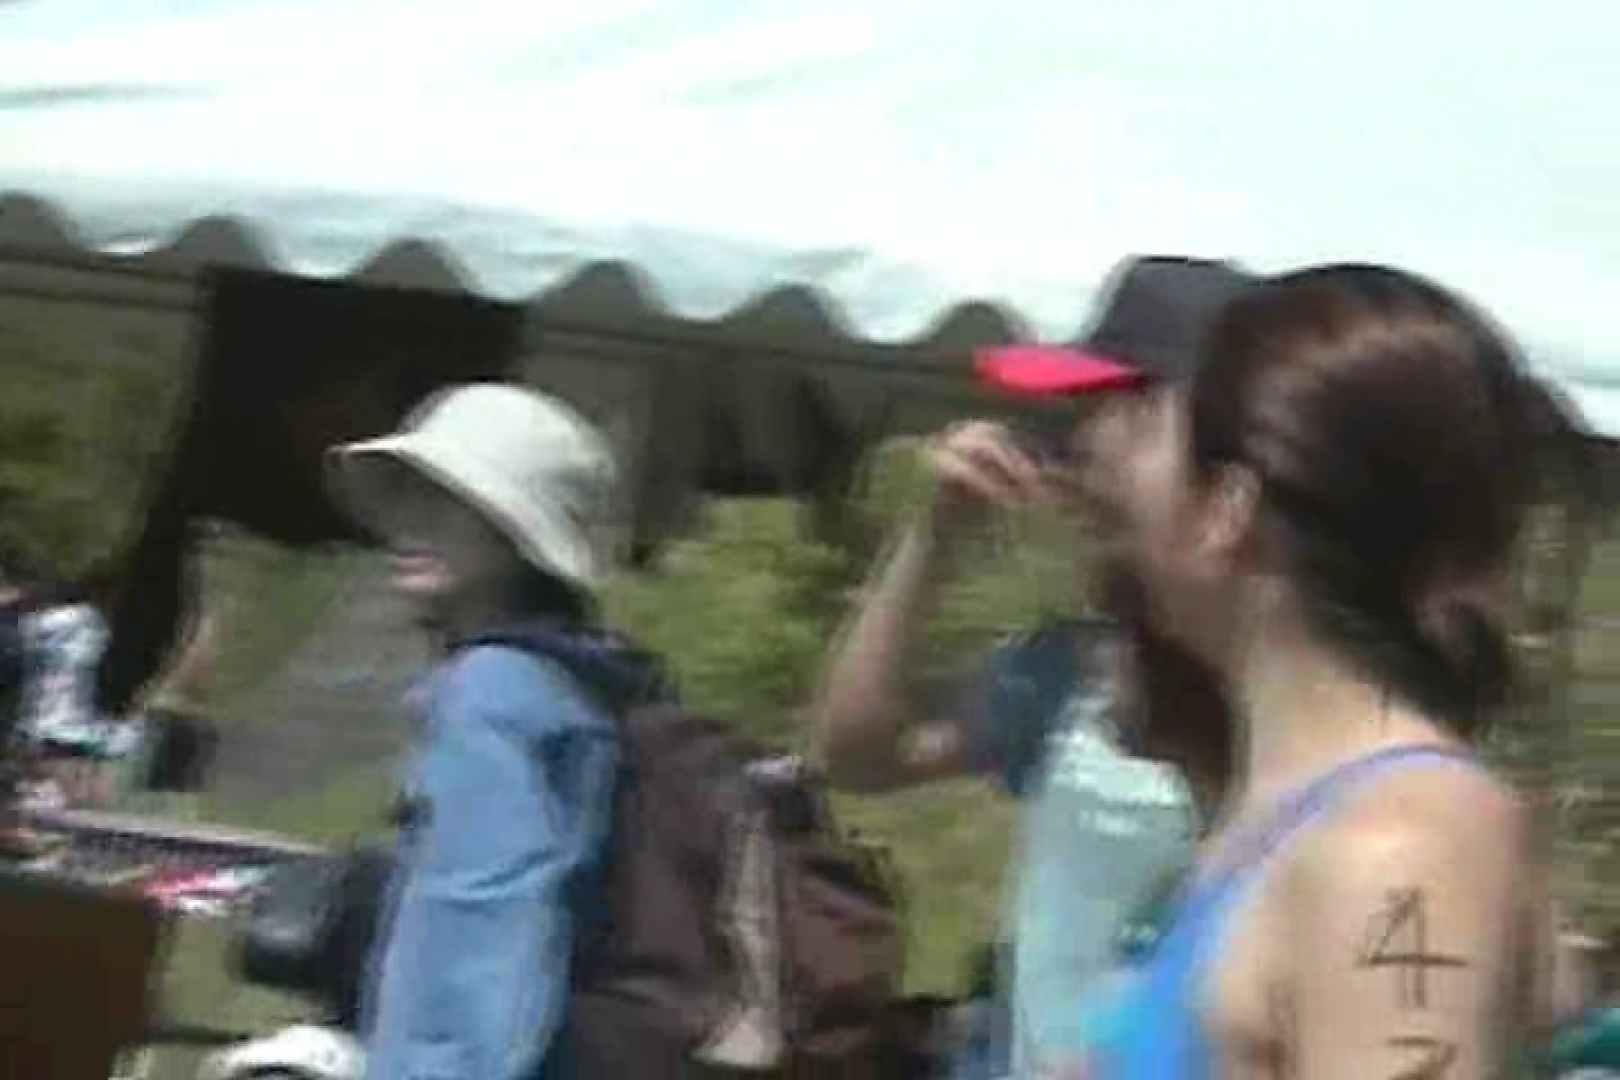 鉄人レース!!トライアスロンに挑む女性達!!Vol.6 コスチューム   エロティックなOL  75画像 39